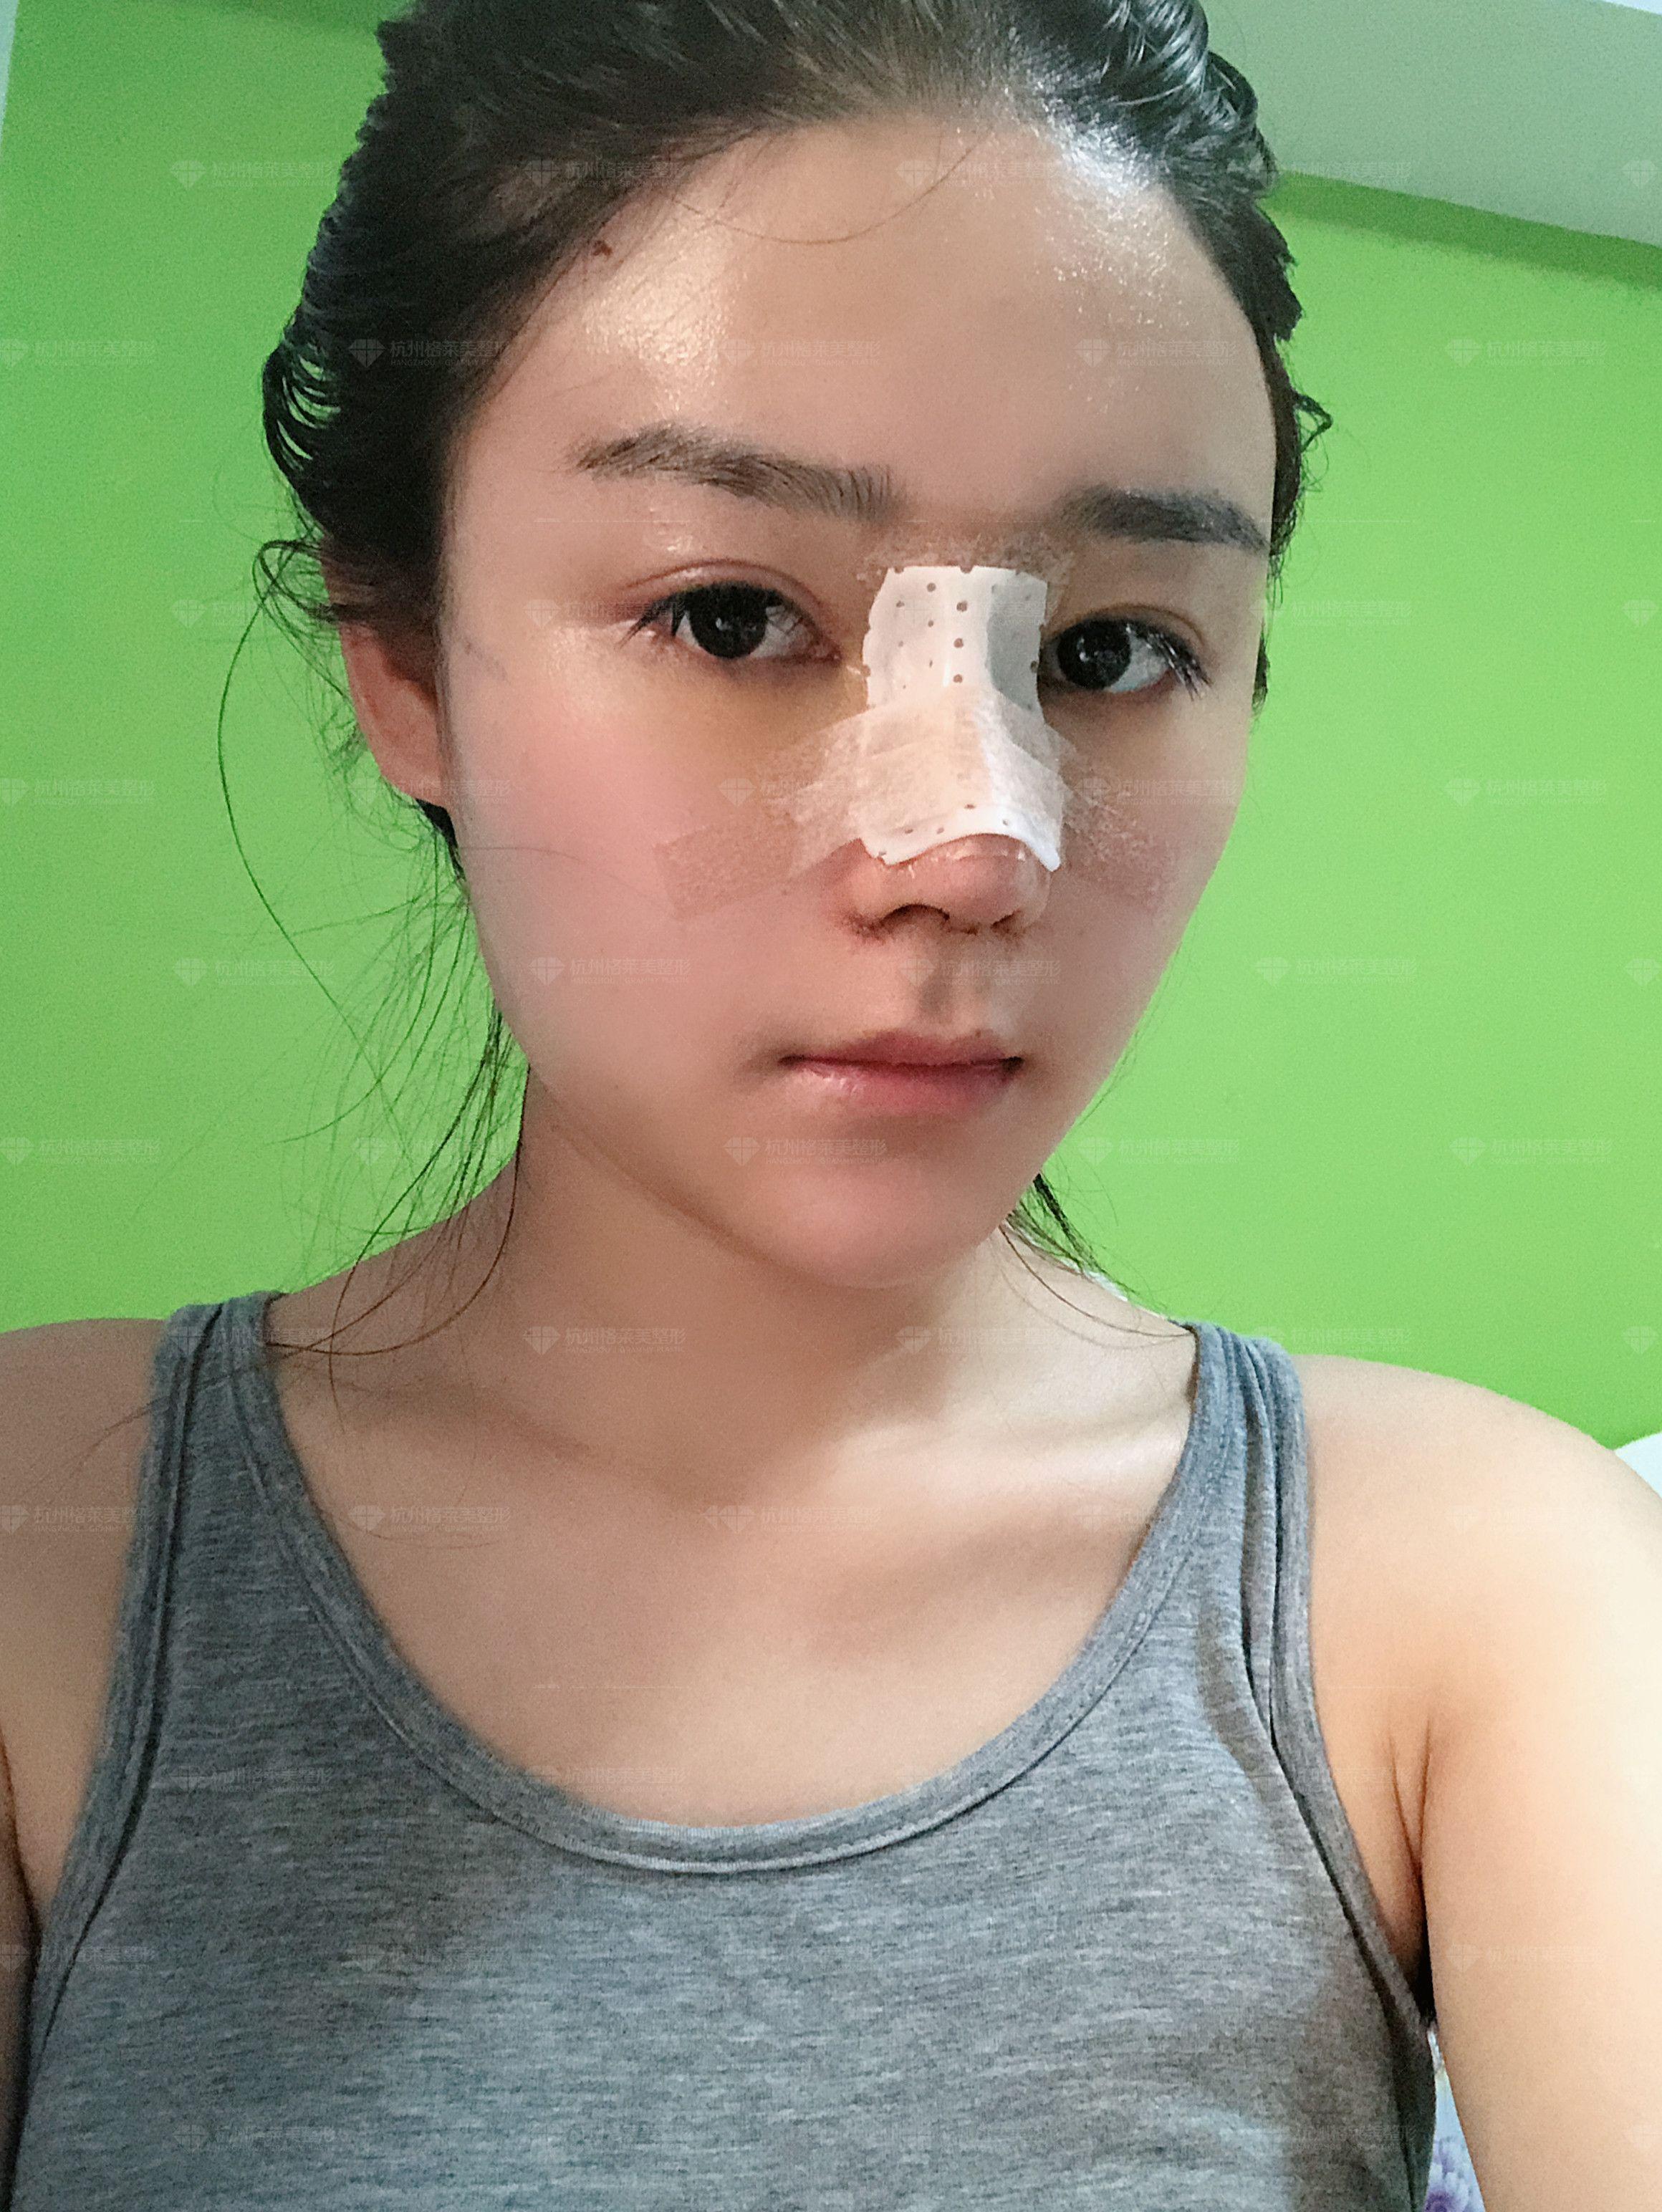 术后几天都要来医院挂盐水,因为要消炎,做眼睛就不用挂盐水了。做完脂肪填充之后是不能用热敷或者冰敷的。现在的耳朵没有一开始的那么疼了,但是还是不能碰。有些人说做肋软骨的也会很疼,但是我觉得做耳软骨也是疼的,只要取软骨有伤口肯定都会疼,鼻子但是不怎么疼,也不知道为什么,现在是不能碰我的鼻子,所以我日常生活中还是特别的小心,不能碰到各个伤口,塑身裤也还是穿着,因为太热了所以基本上都只能在室内